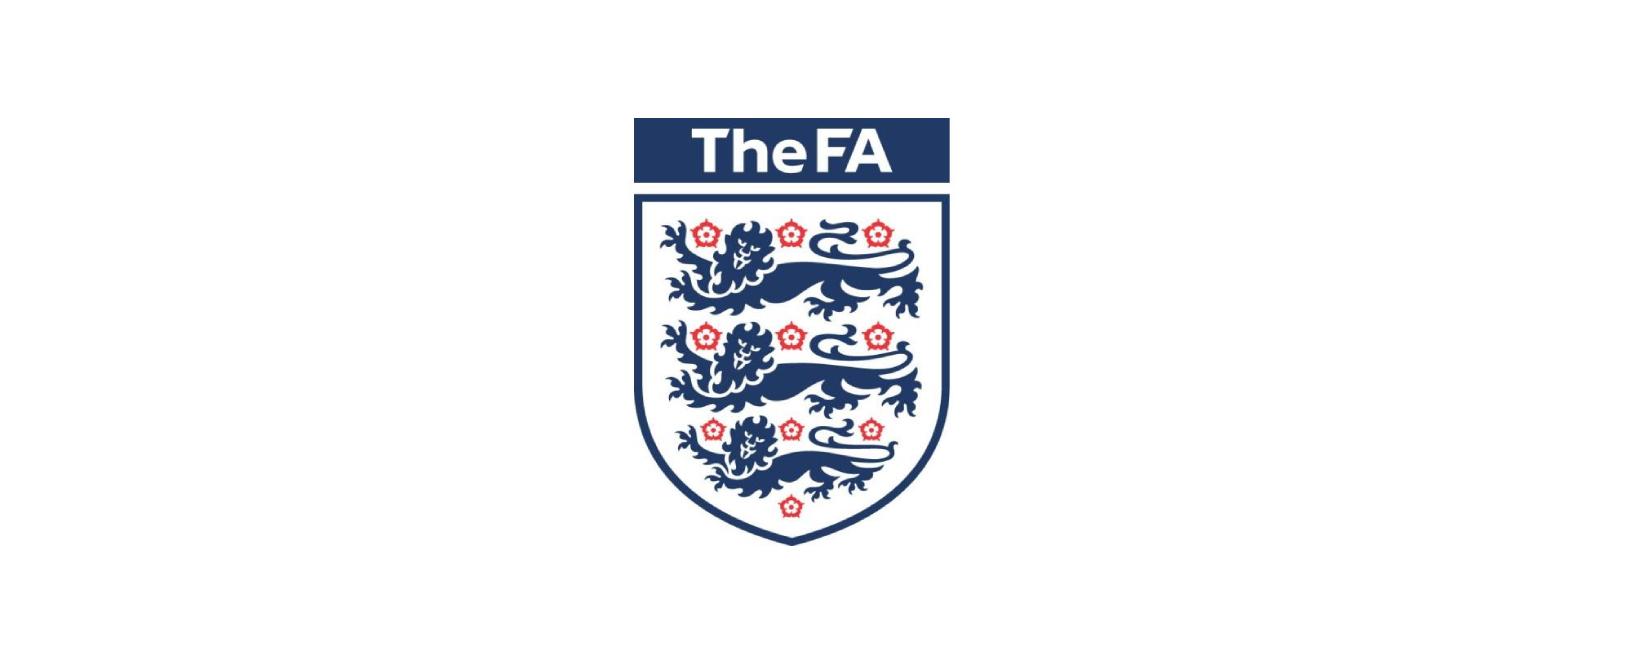 England Fa Shop Coupon Code 2021